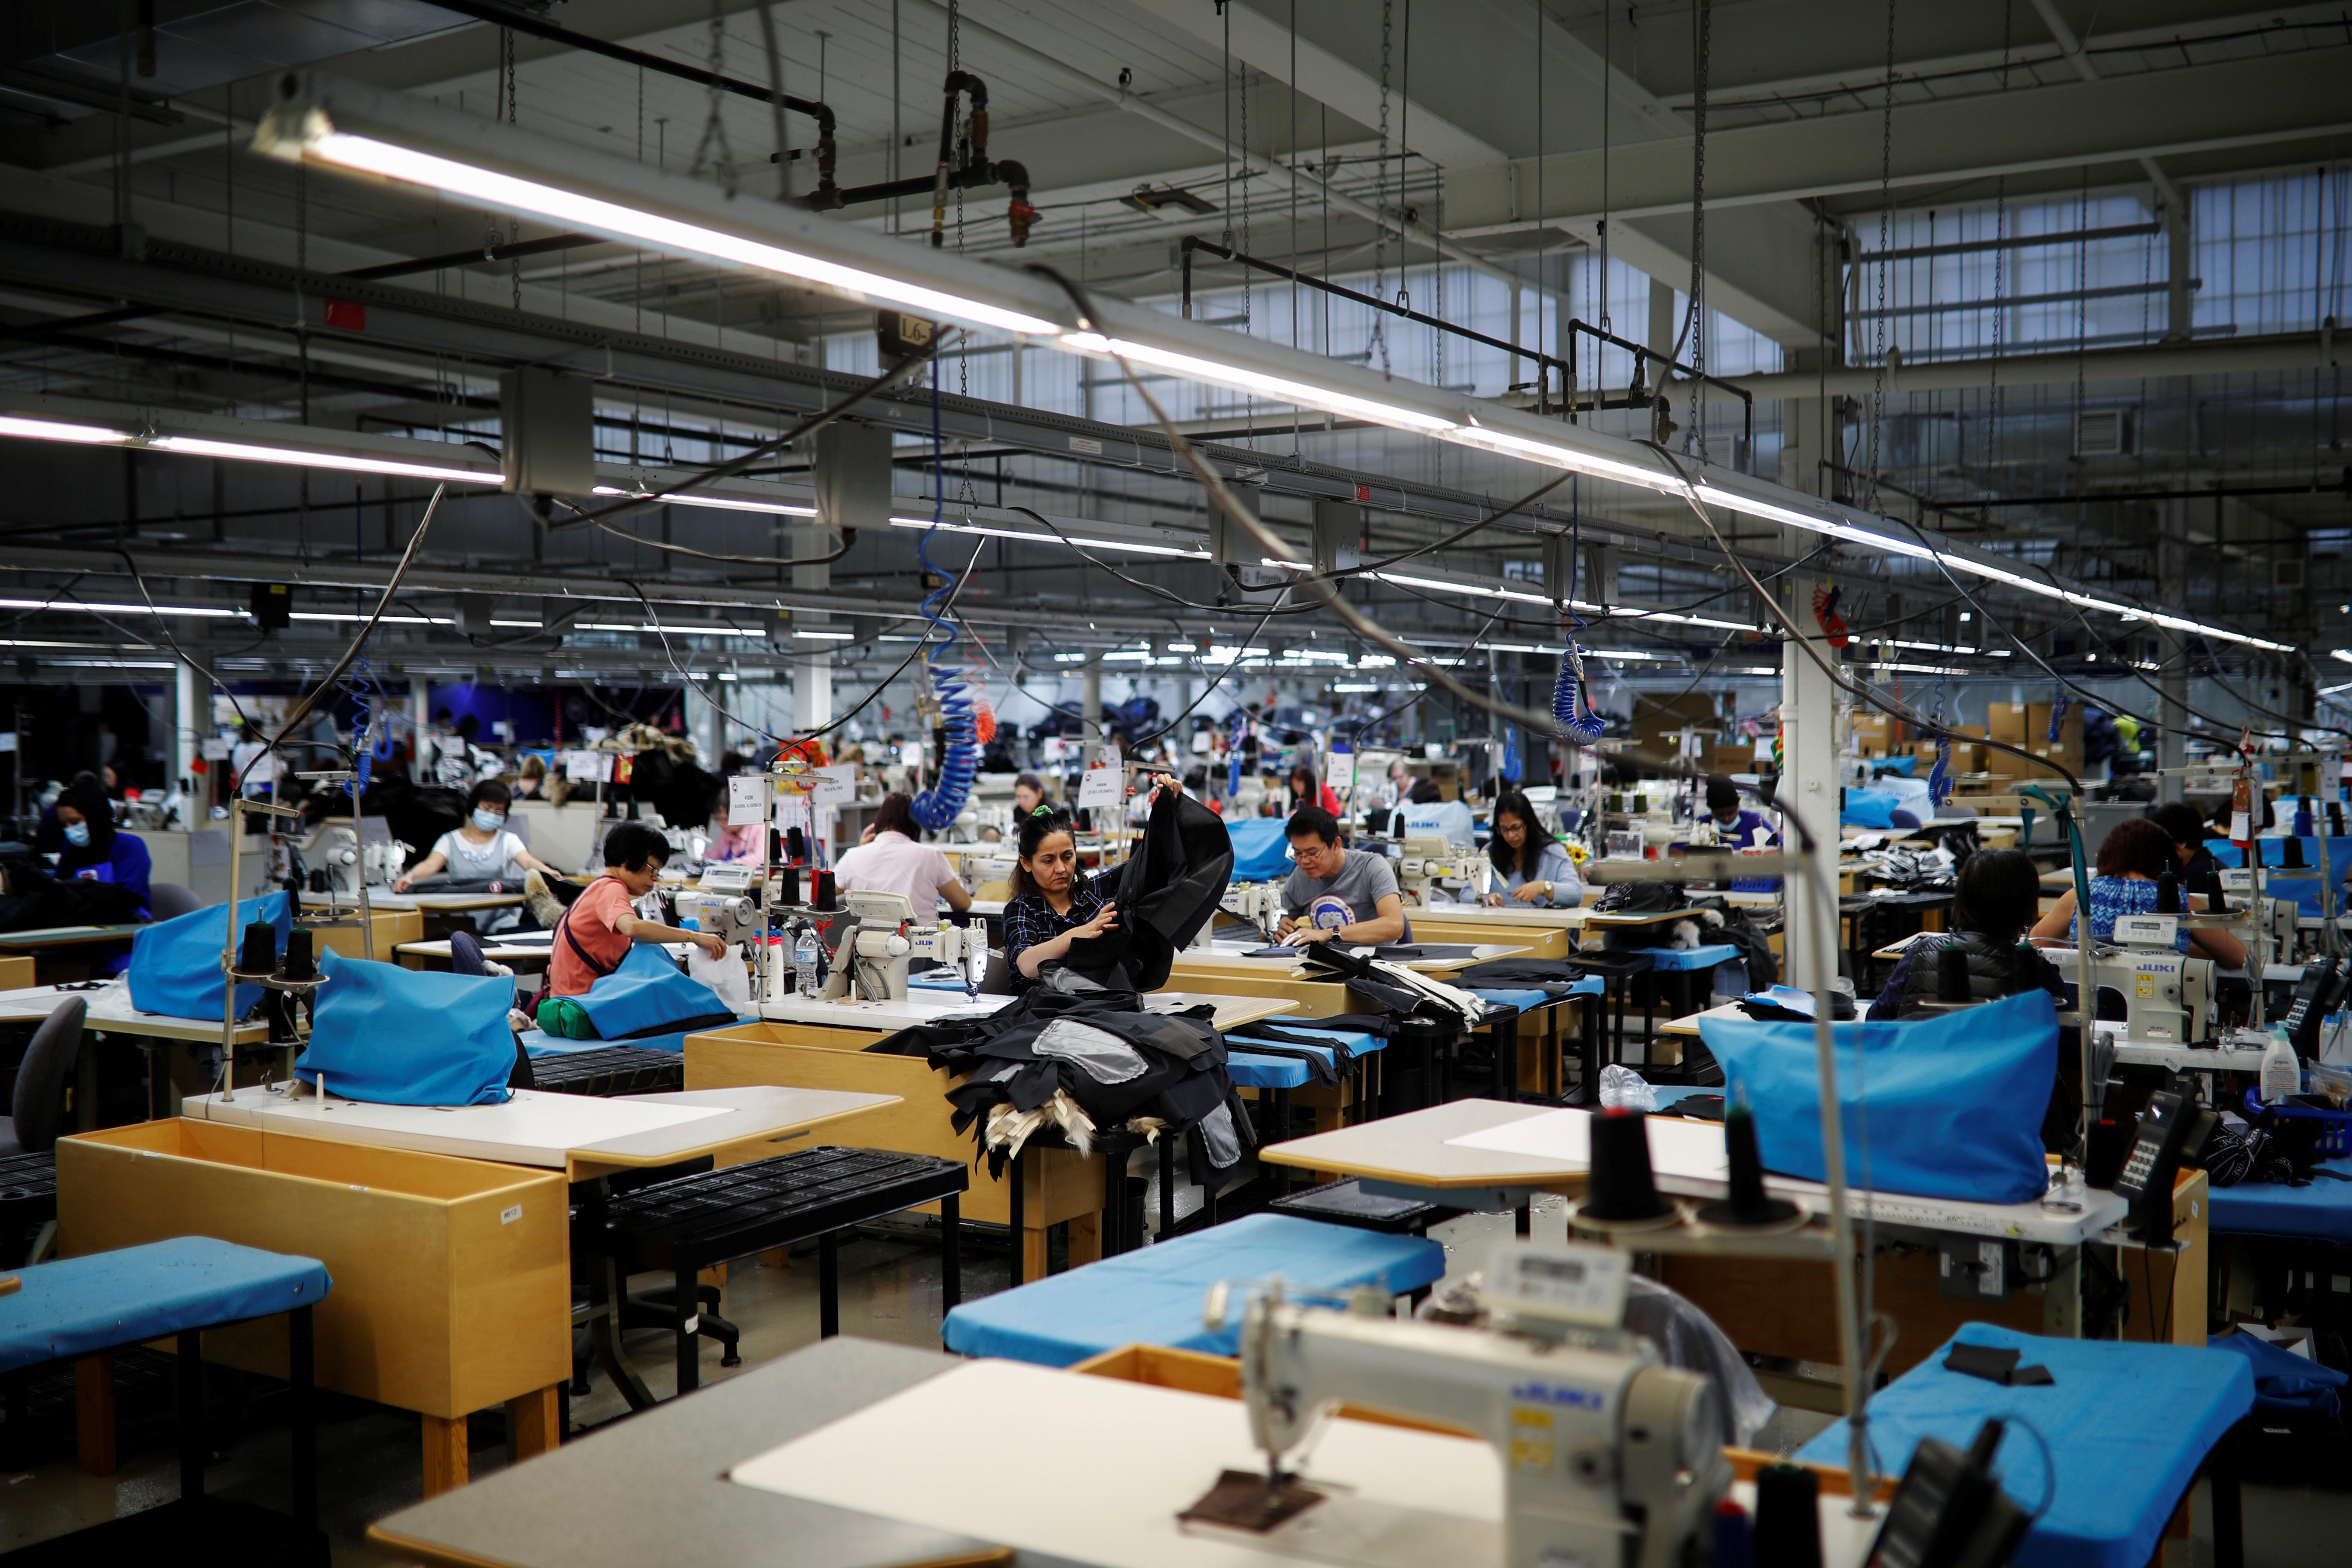 canada goose factory toronto location